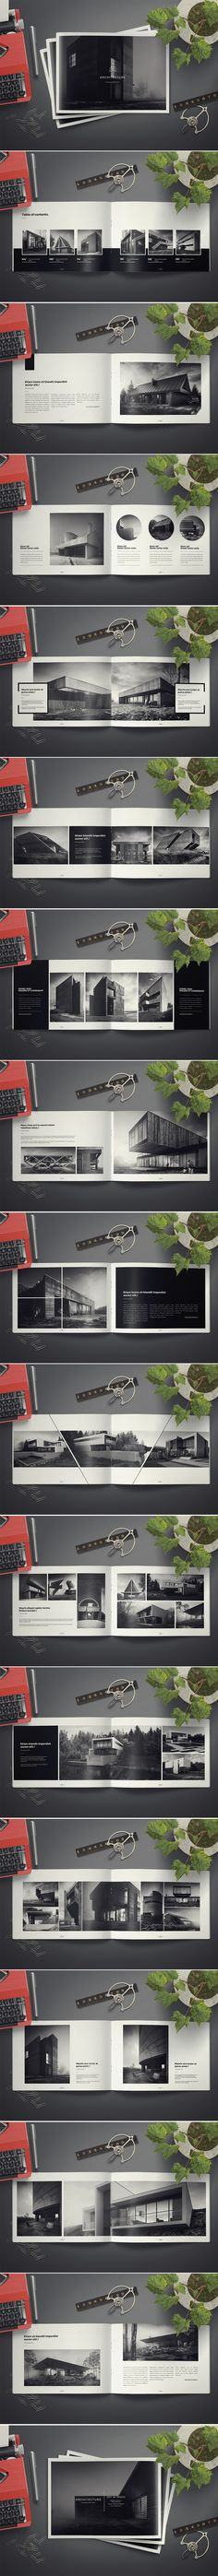 Architecture Landscape Brochure on Behance